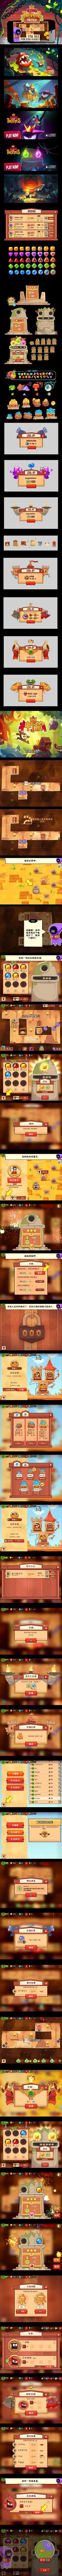 木果_muguo采集到游戏界面三